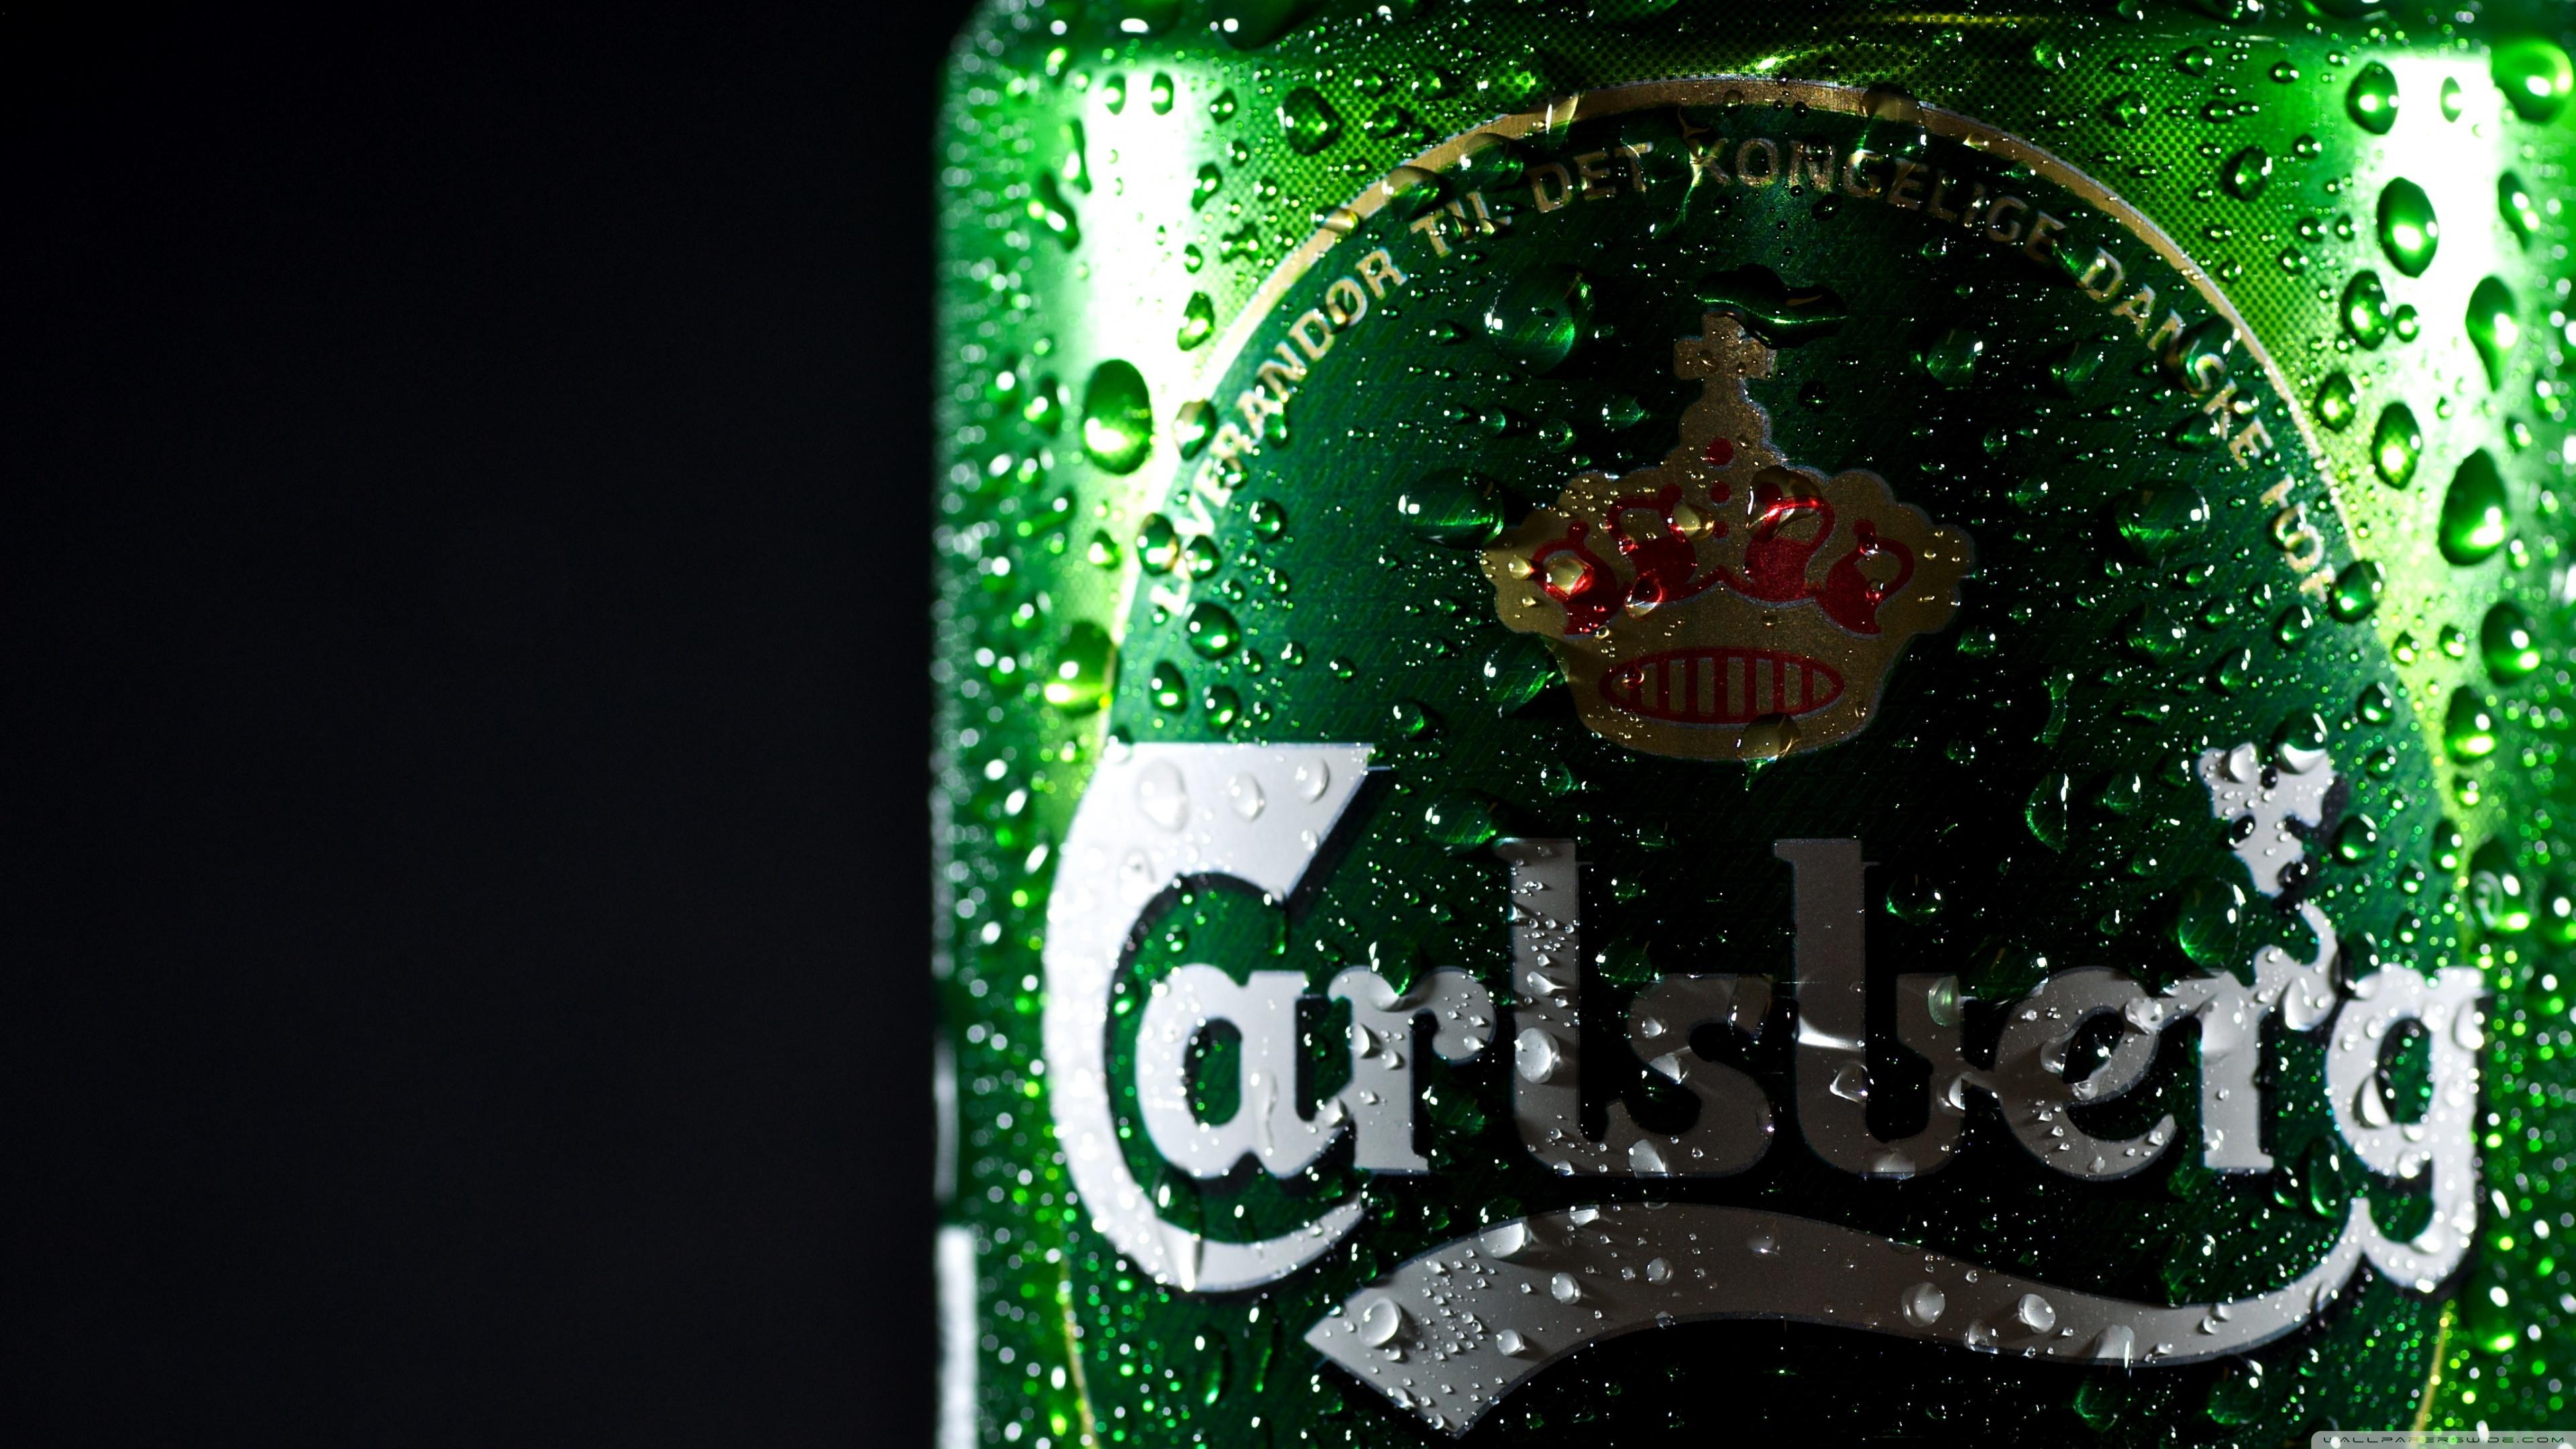 carlsberg beer hd wallpaper 3840 2160 cupcakepedia